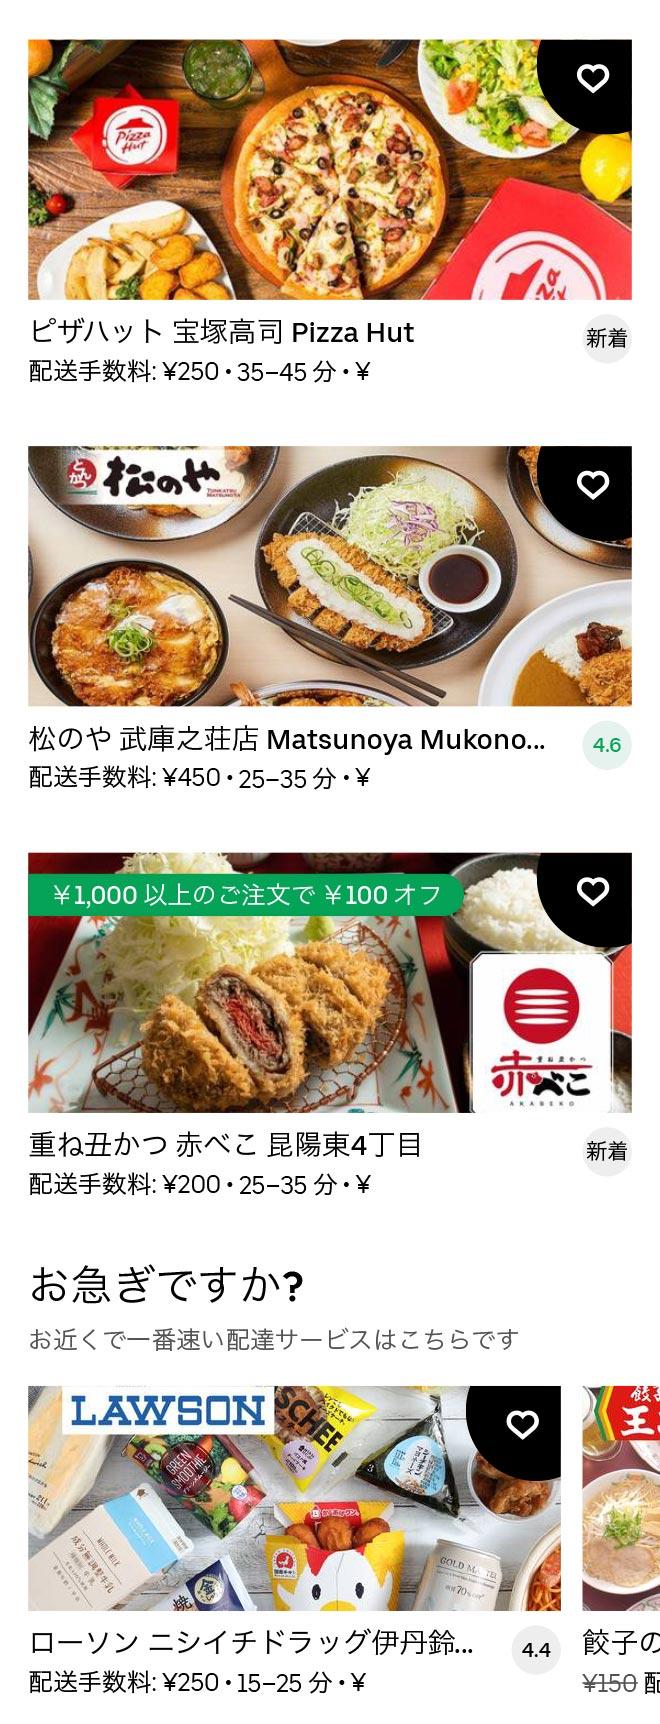 Itami nakano menu 2011 10